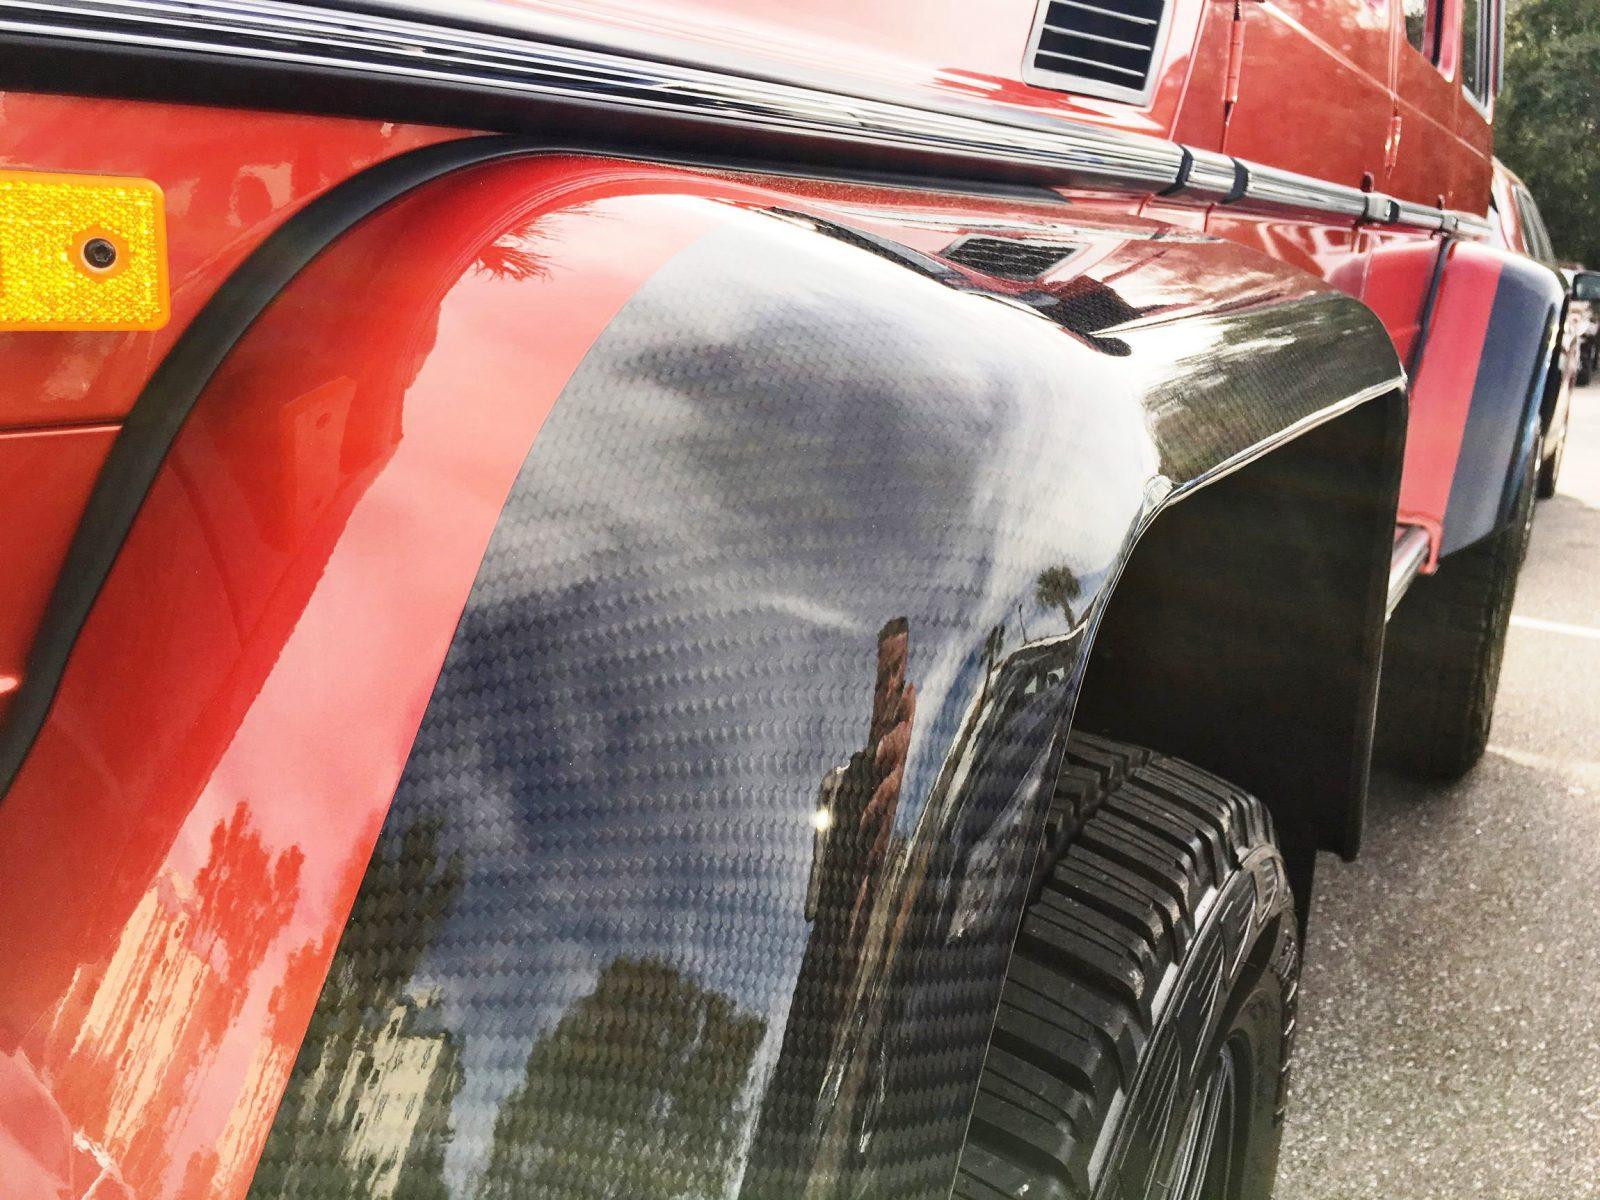 2017 Mercedes-Benz G550 4x4 34